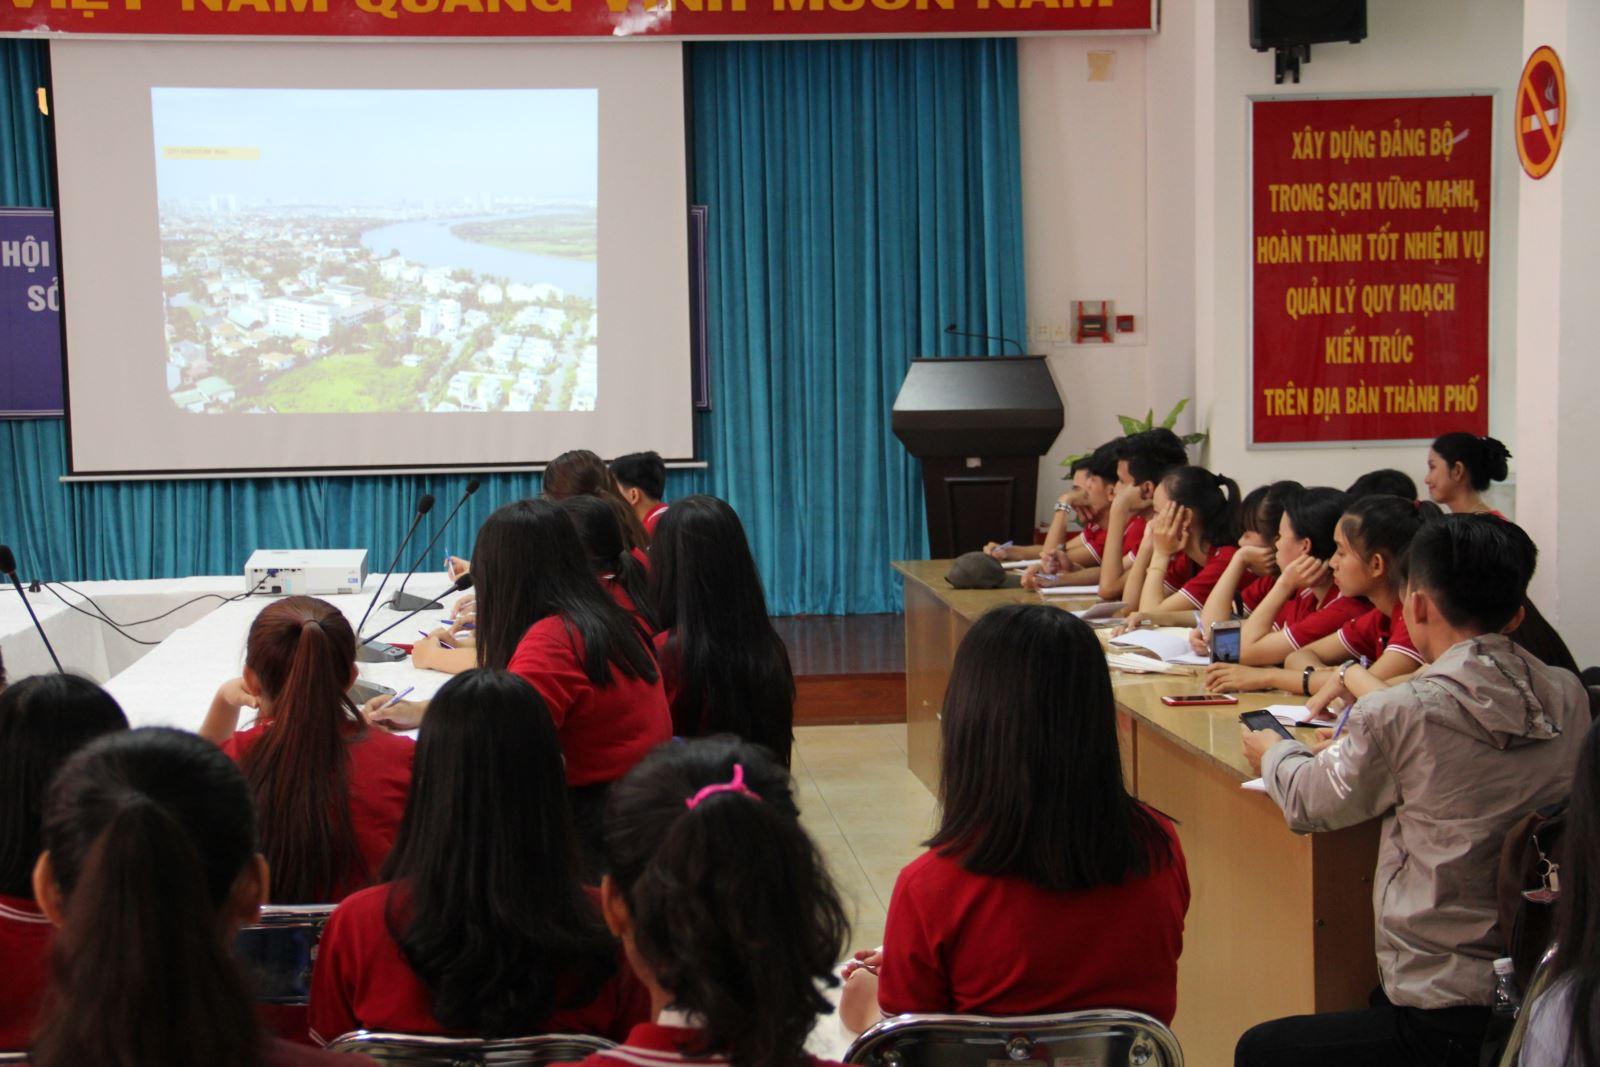 Lớp Đô thị học (Trường ĐH KHXH&NV, ĐHQG-HCM) hoàn thành Môn học Kiến tập 1 tại TP. HCM ngày 11/04/2018